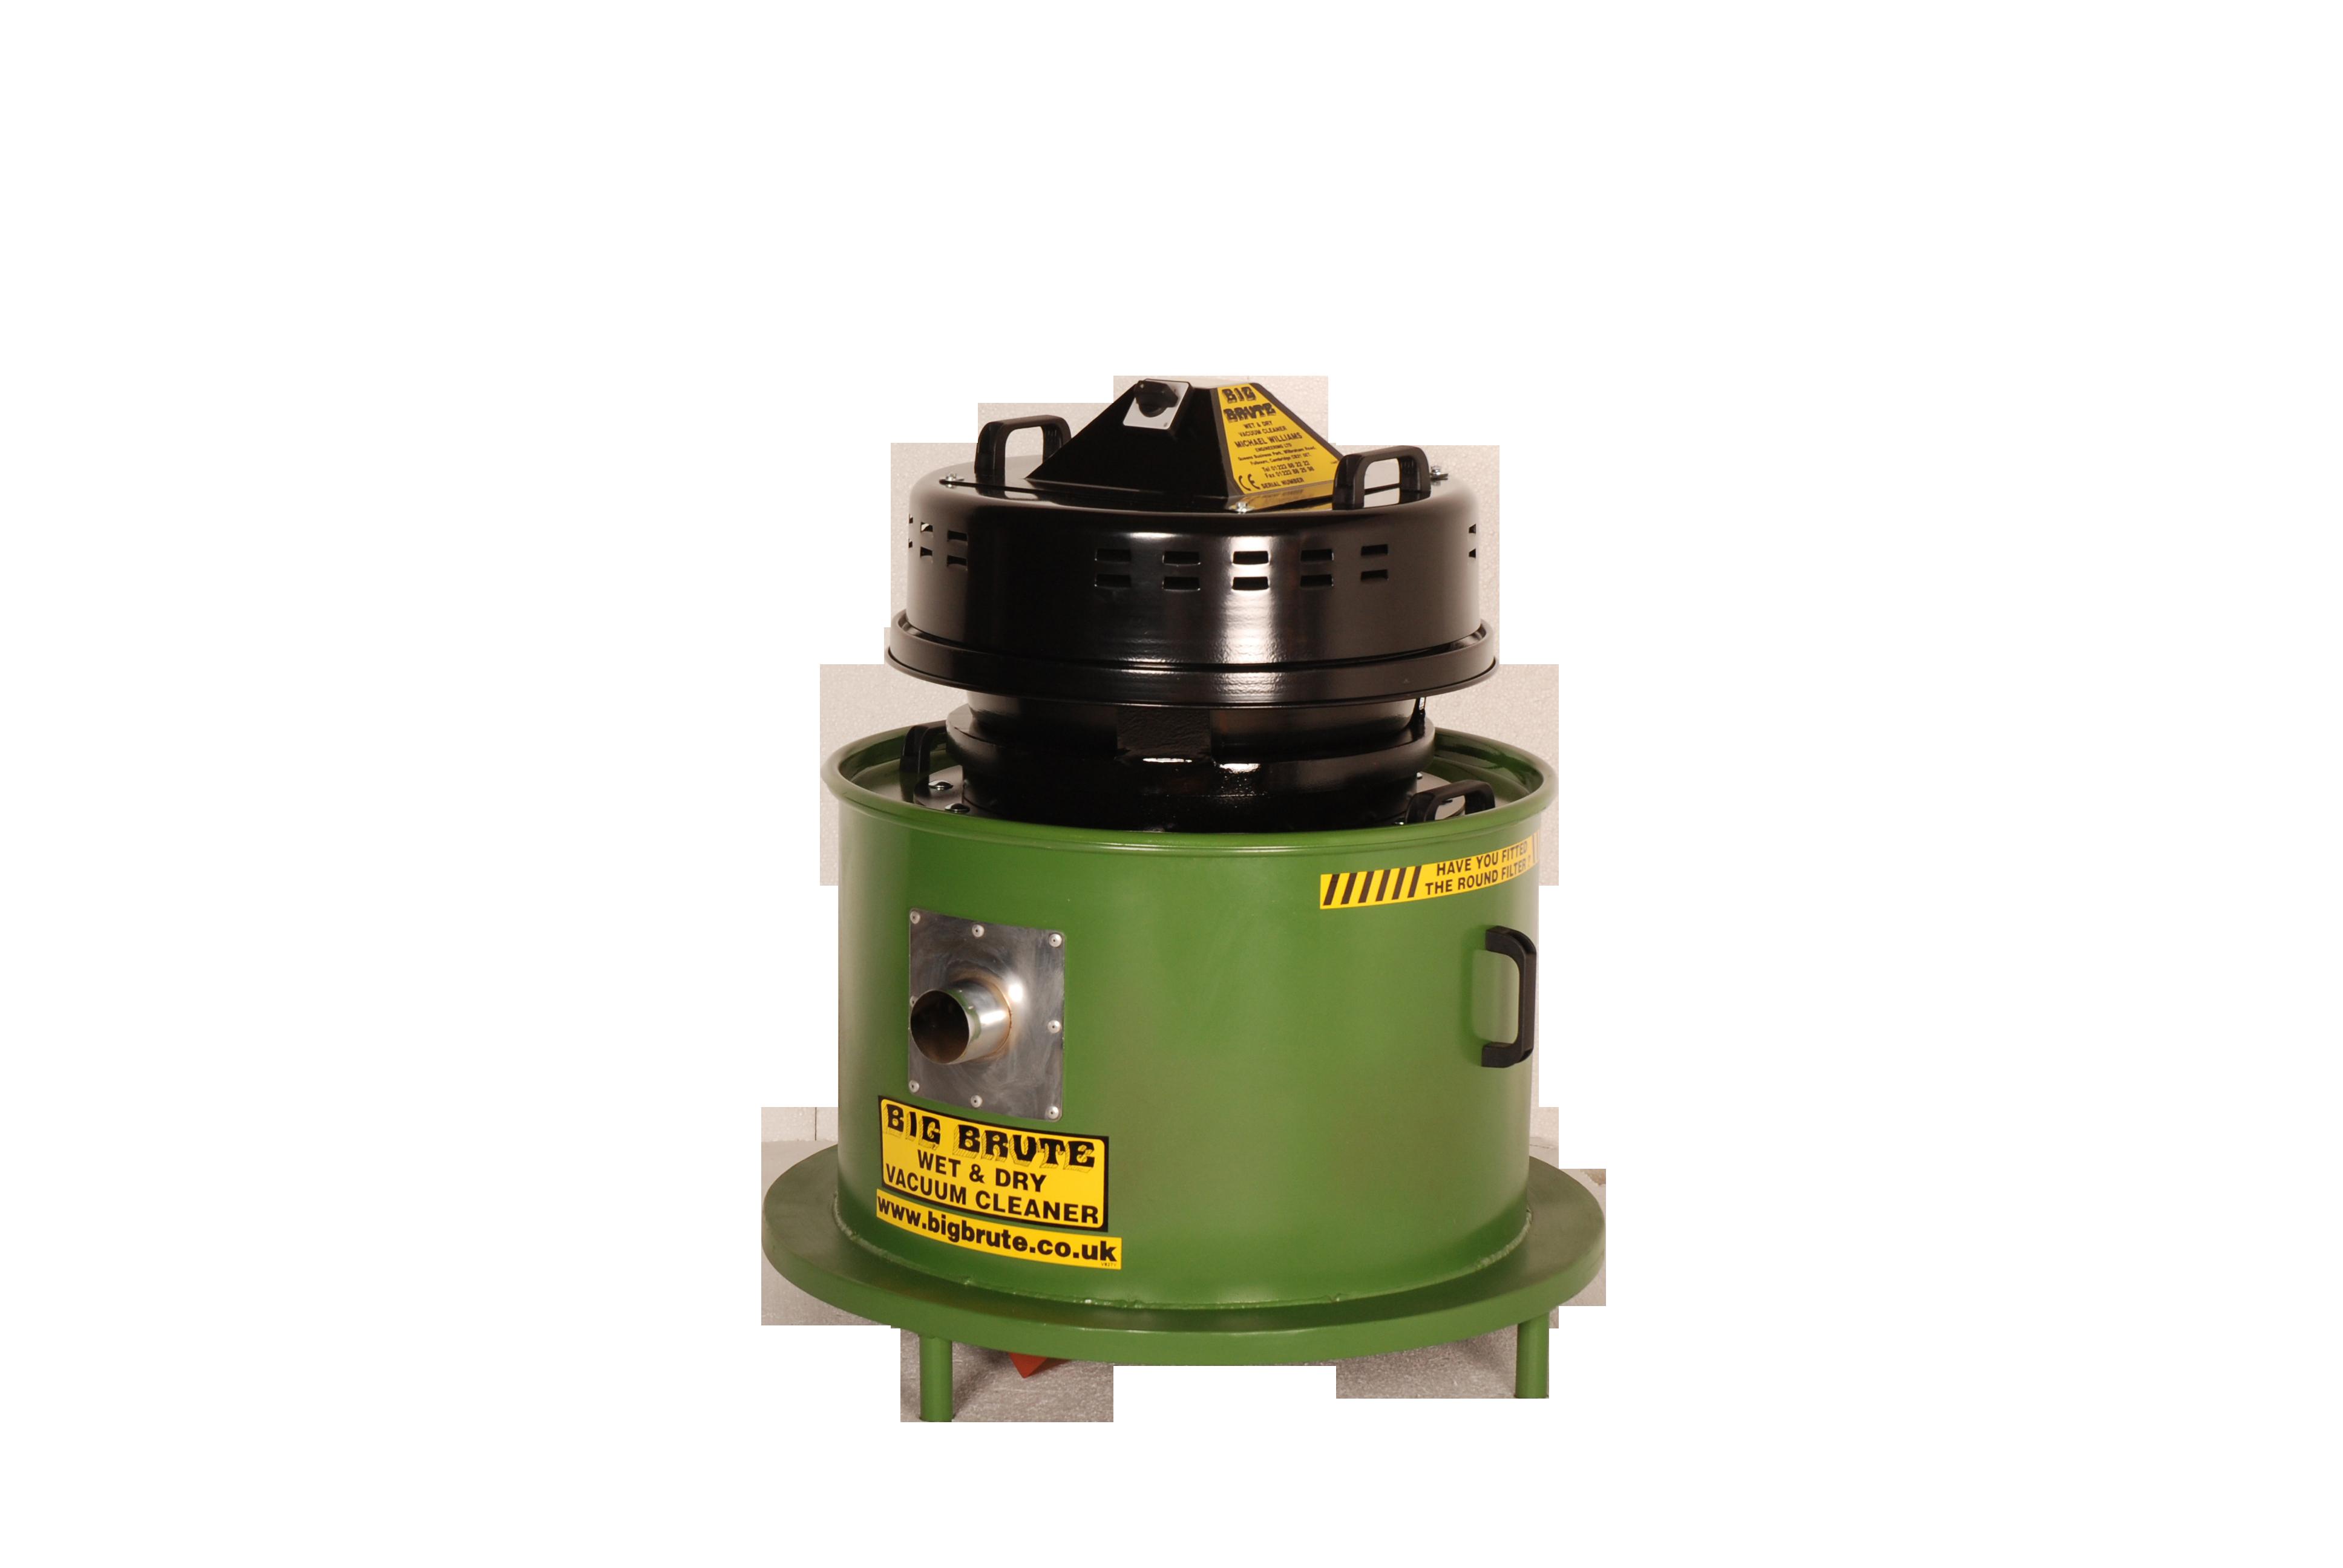 Big Brute Leapfrog Wet & Dry Industrial Vacuum Cleaner